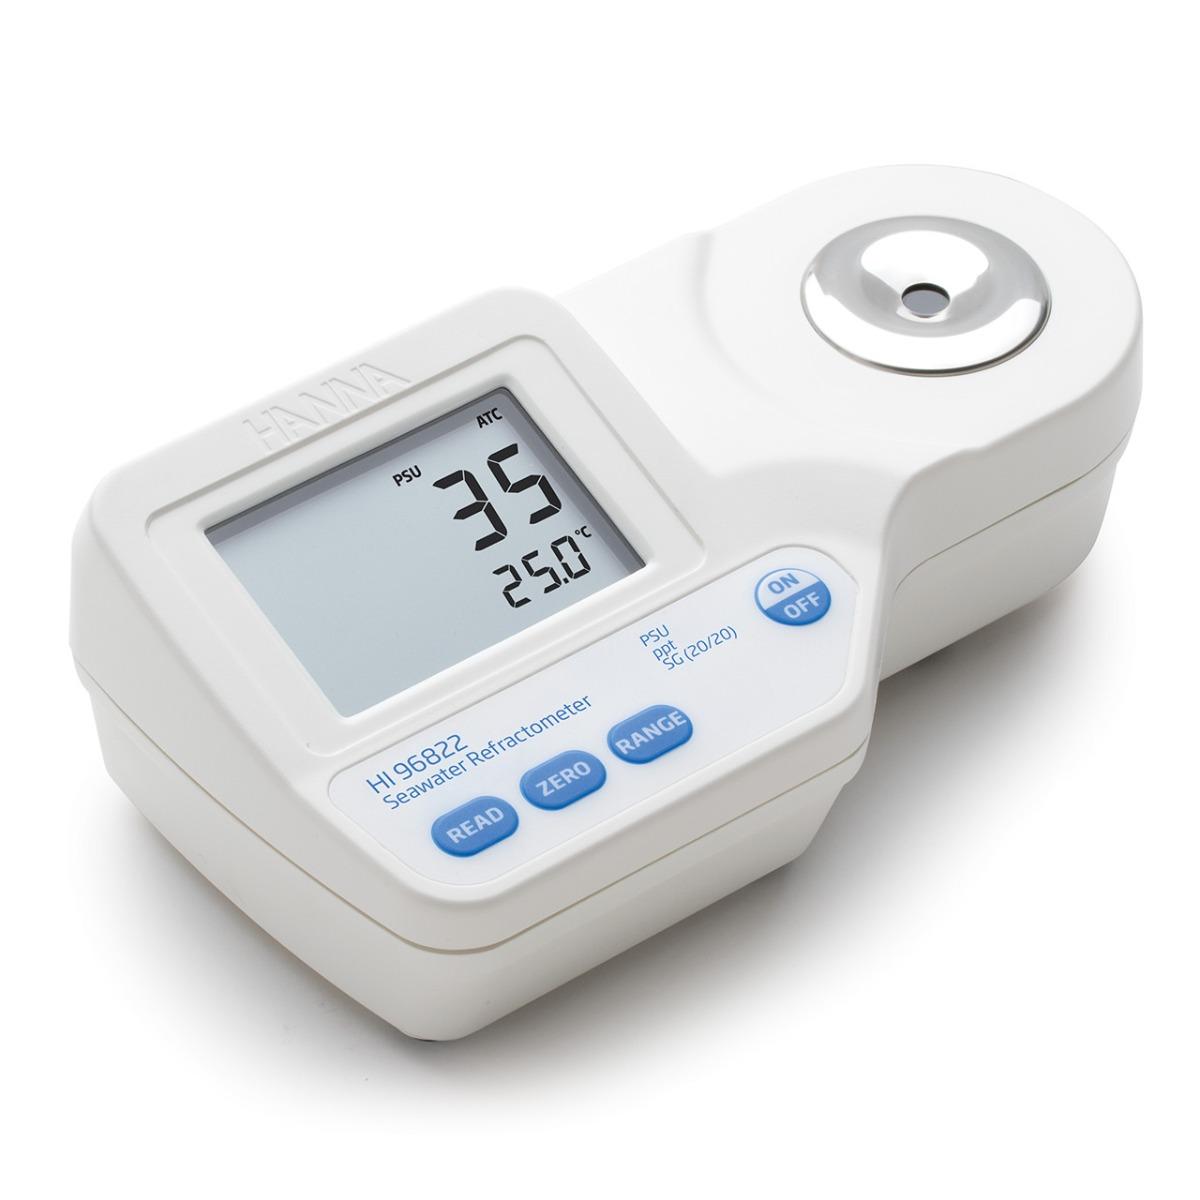 HI96822 Digital Refractometer for Natural or Artificial Seawater Analysis